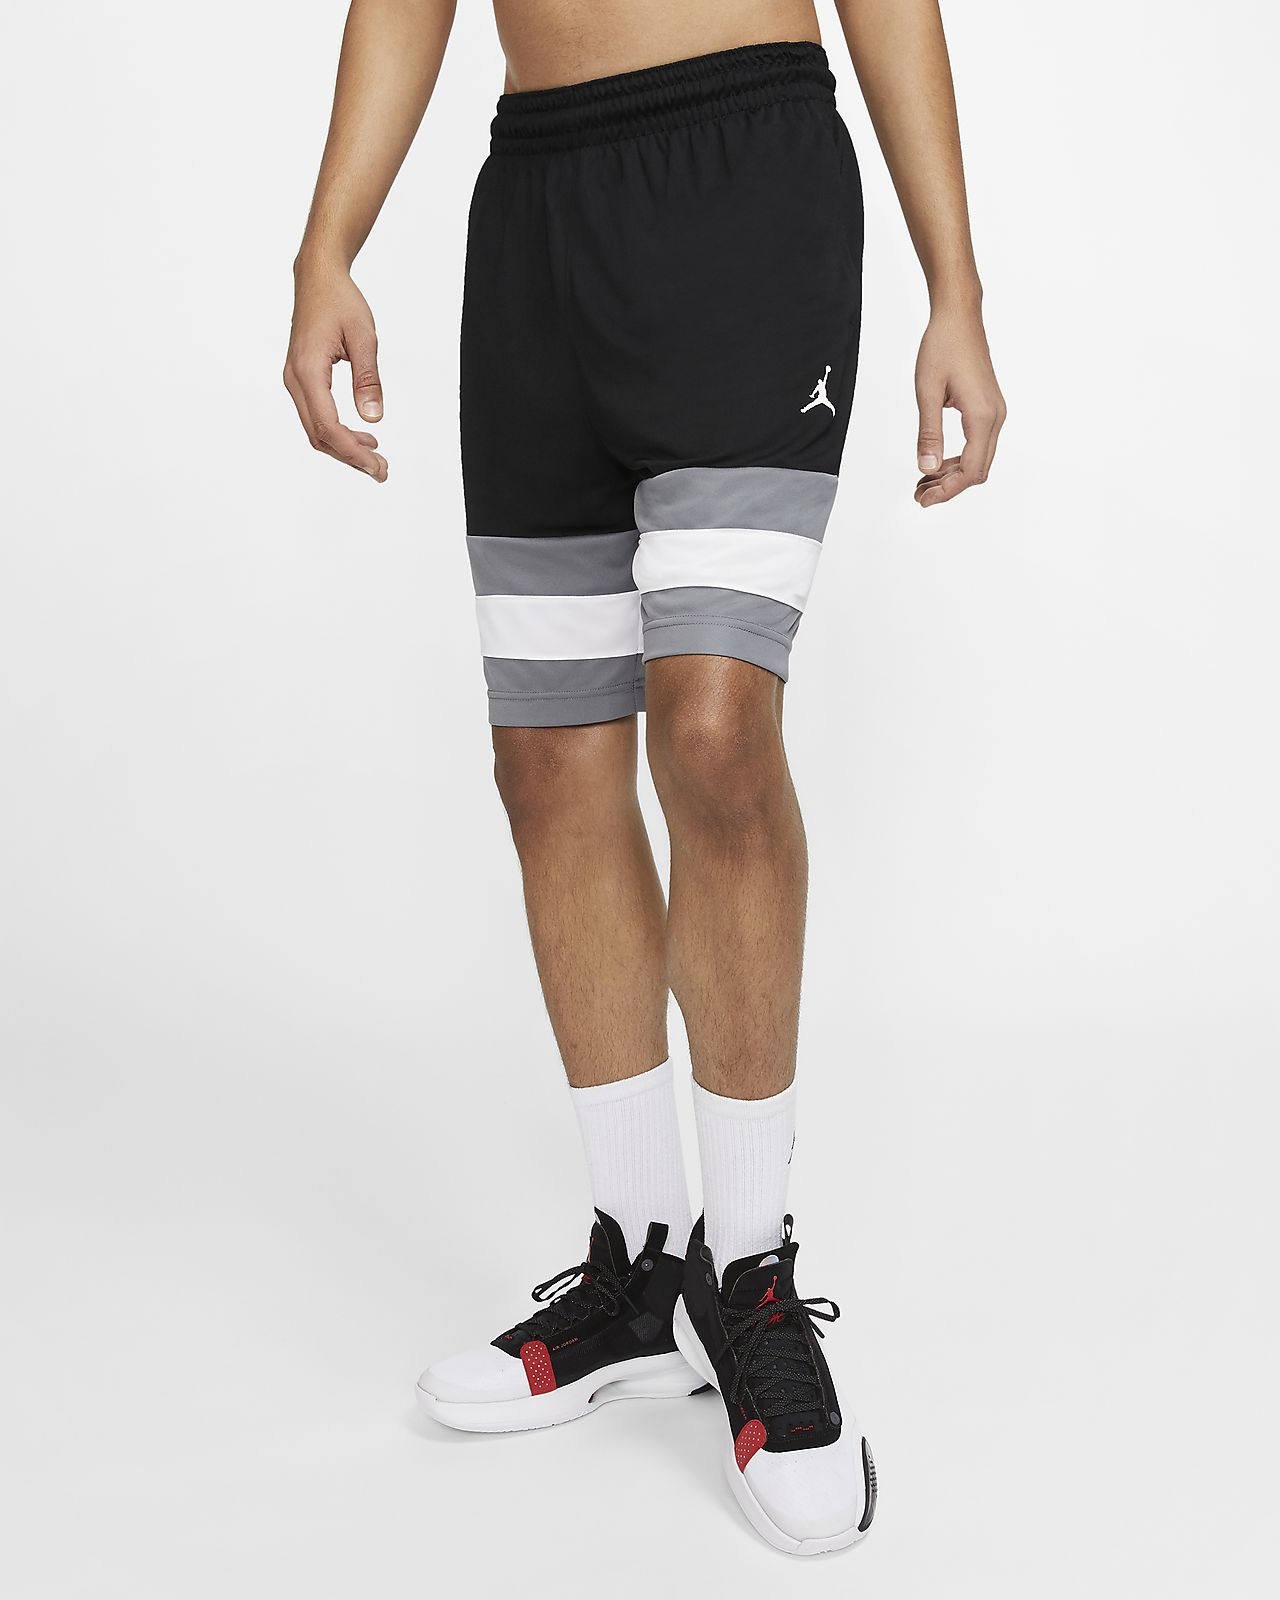 Jordan Jumpman Men's Basketball Shorts